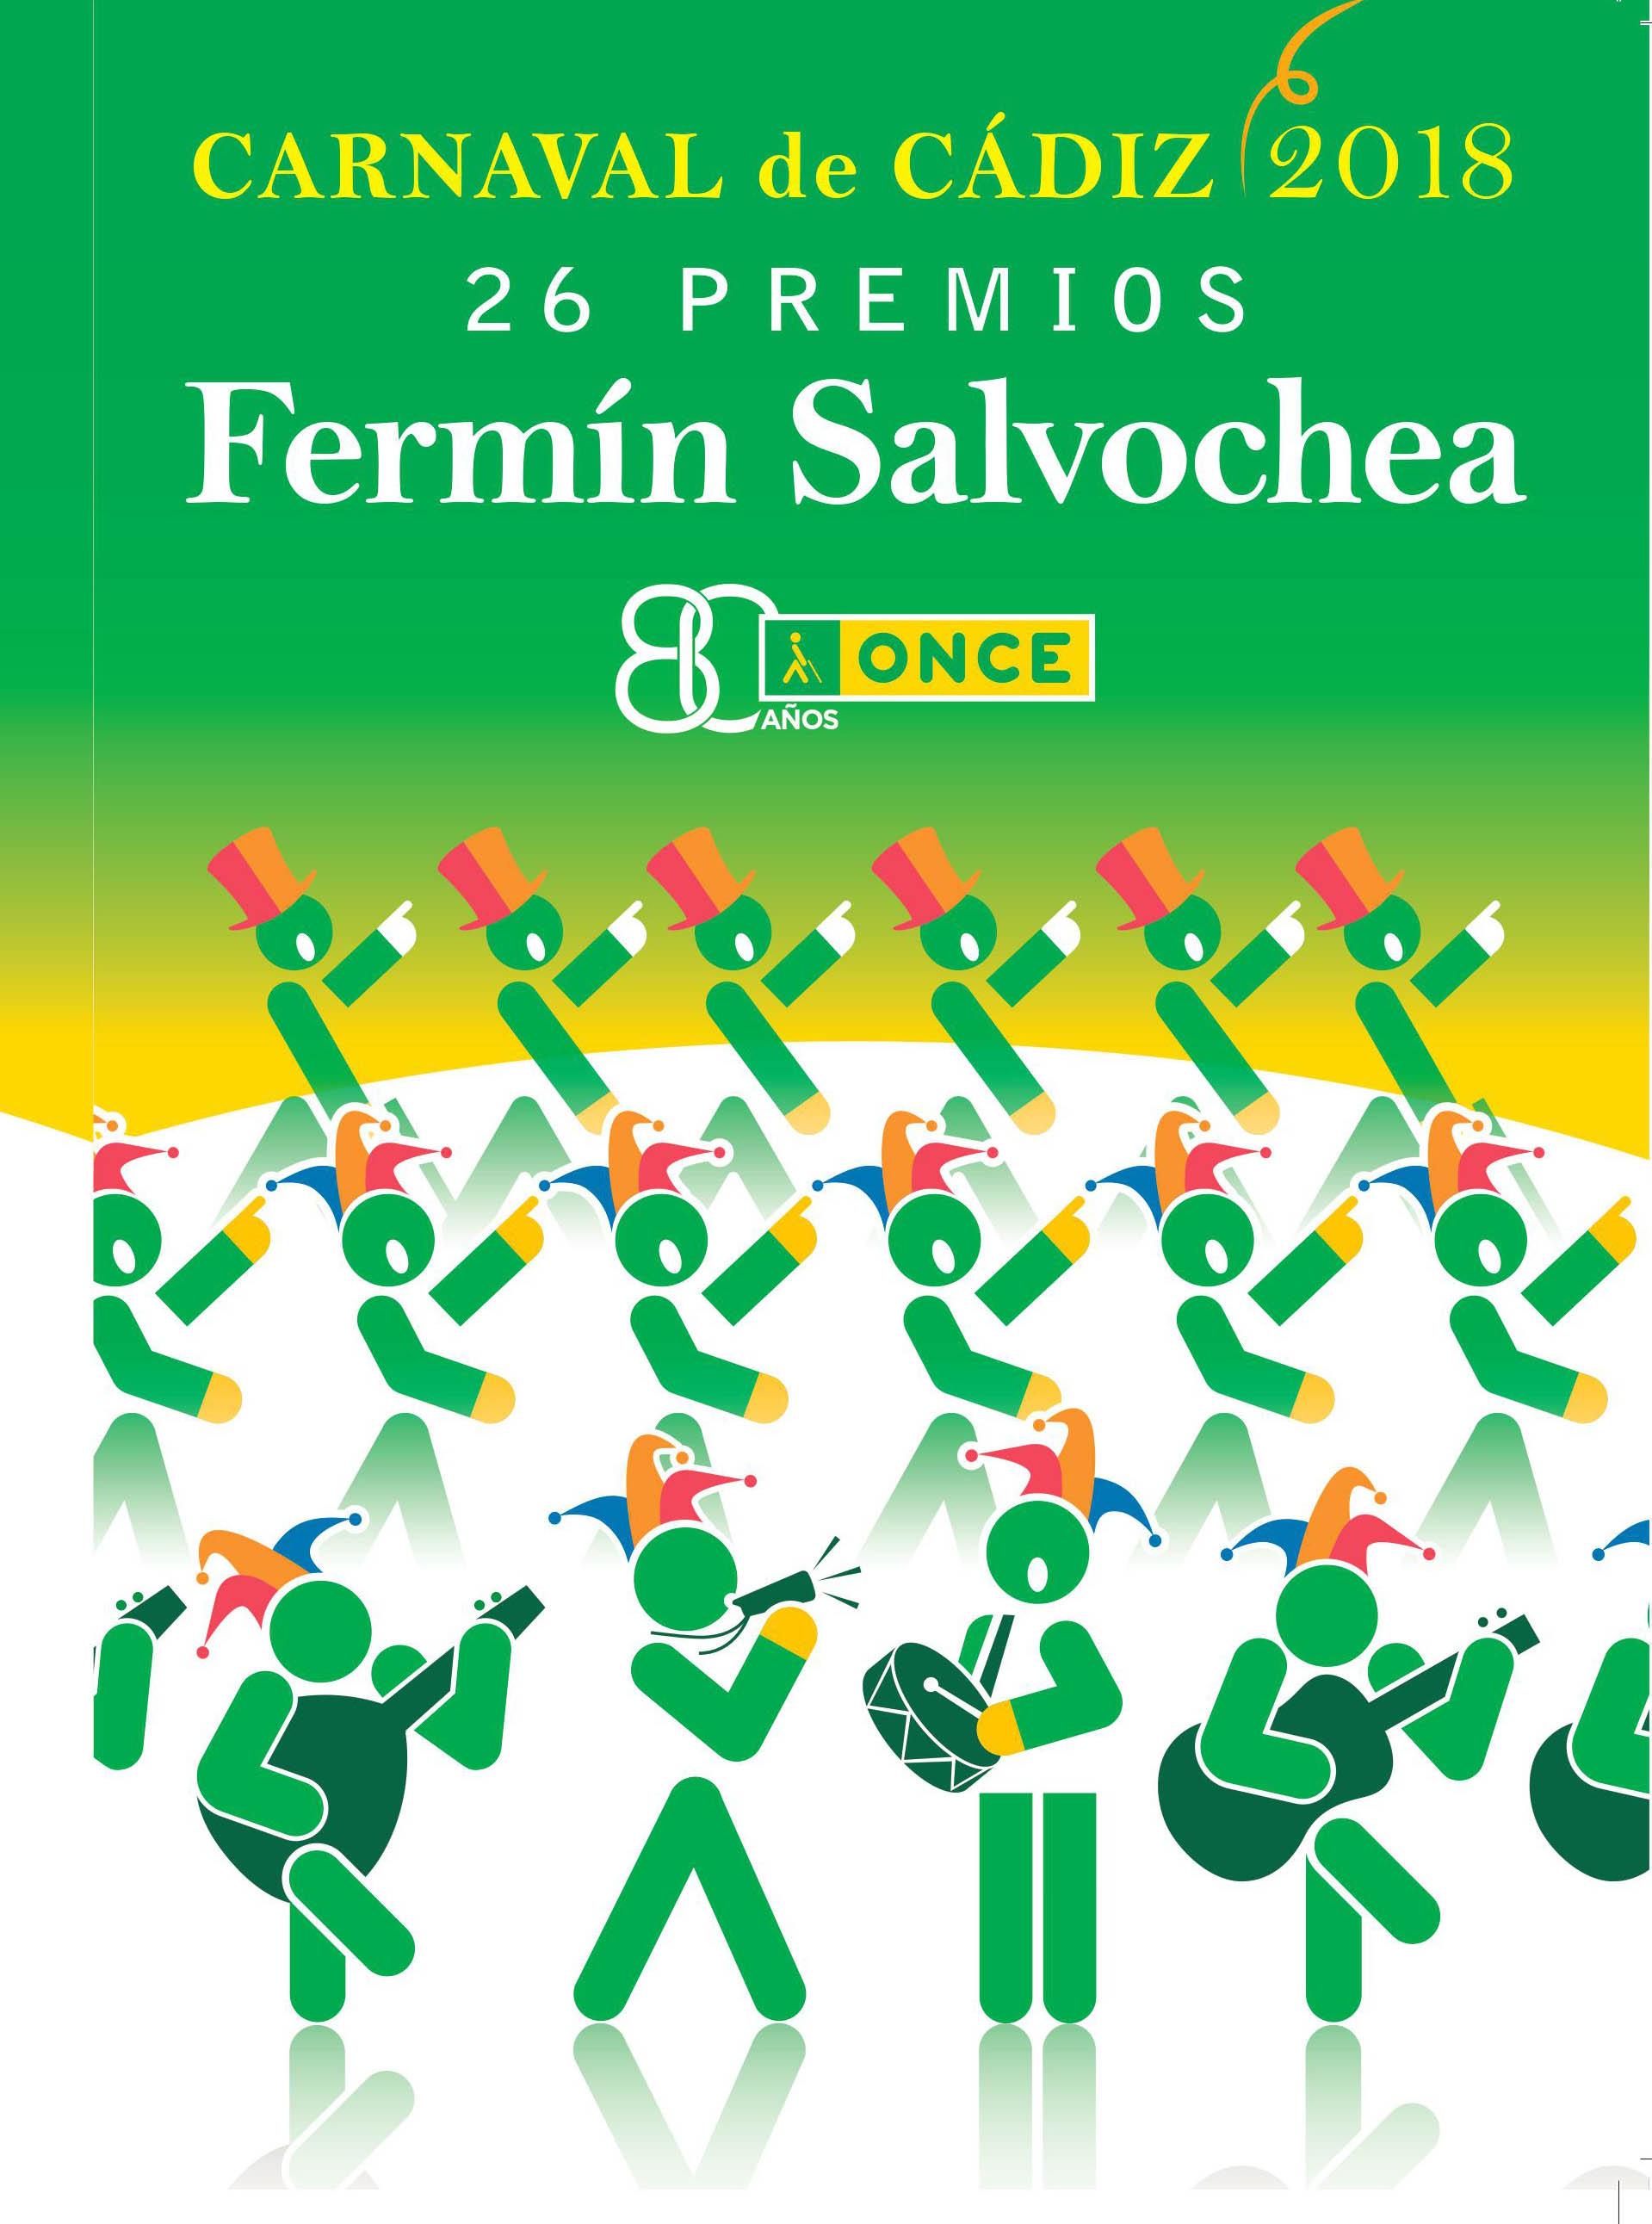 Cartel oficial de los Premios Fermín Salvochea 2018